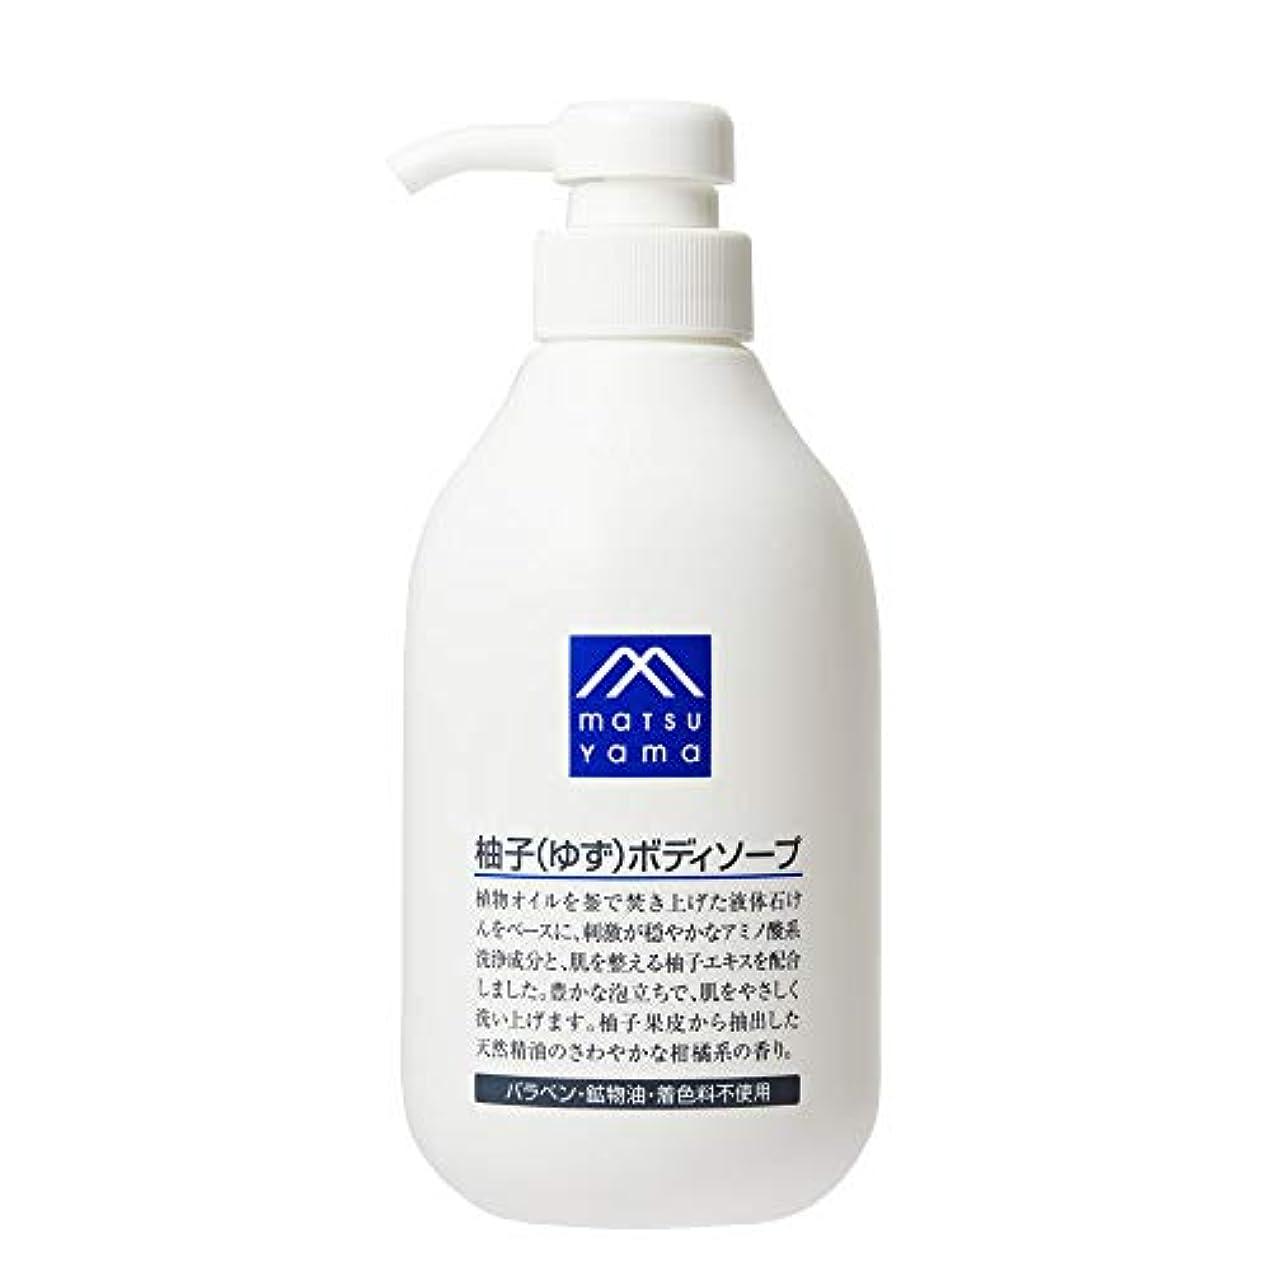 トンフラスコ特にM-mark 柚子(ゆず)ボディソープ